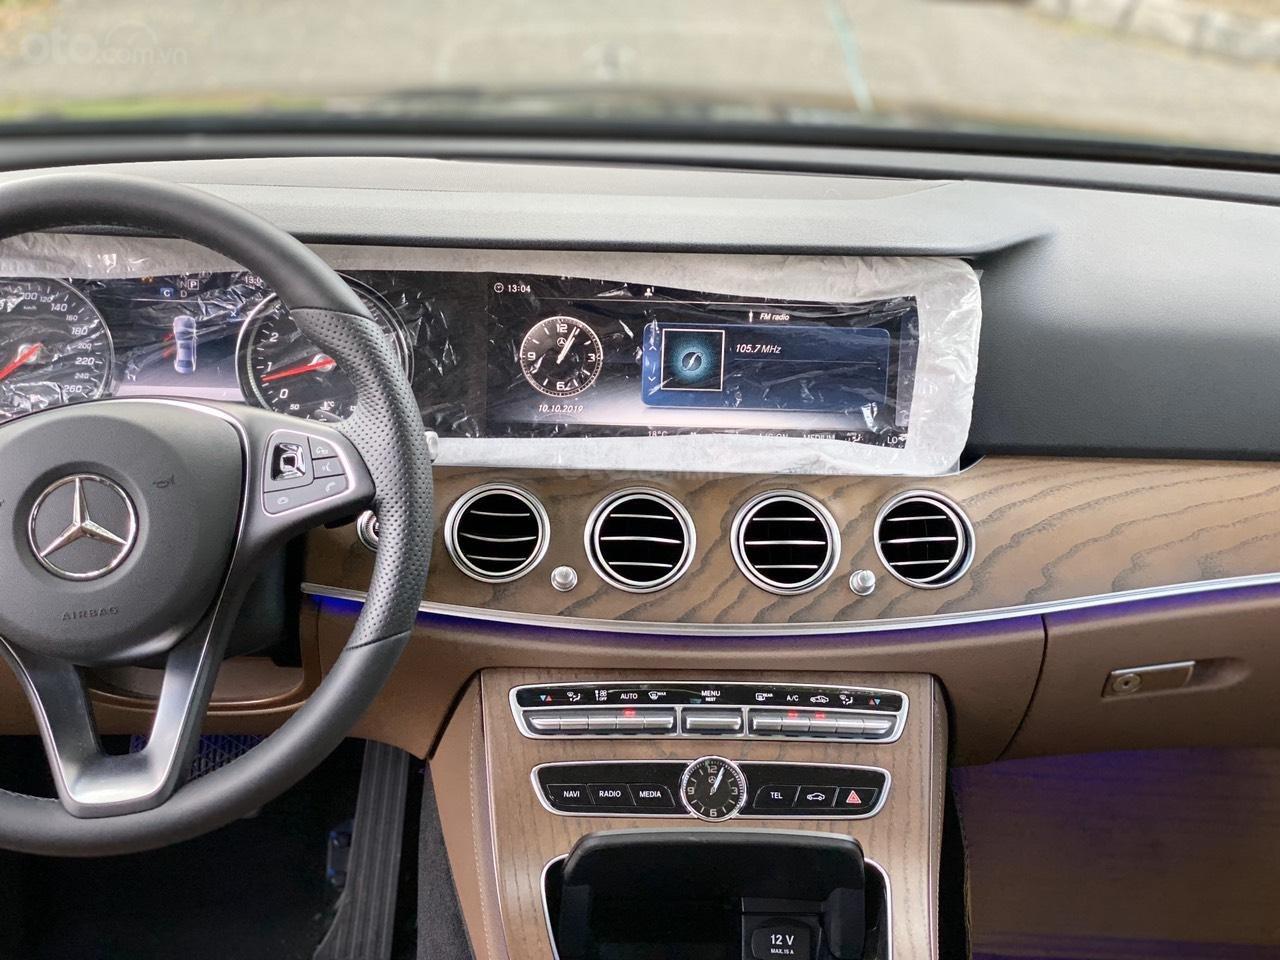 Thanh lý Mercedes E200 2019 màu đen, chạy 10km, giá cực tốt bảo hành 5 năm (6)